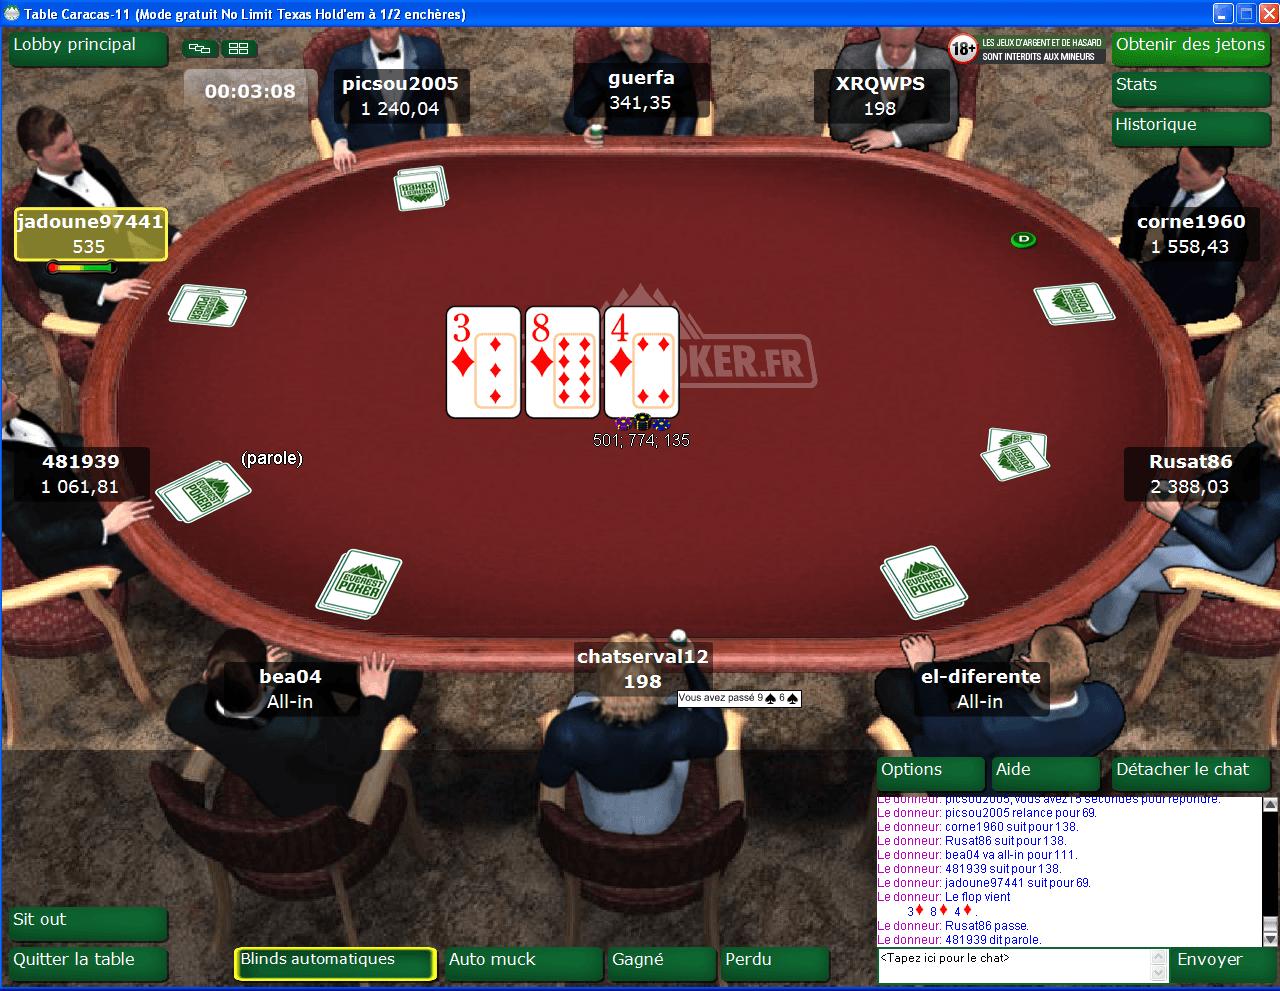 Downloading Everest Poker is Safe